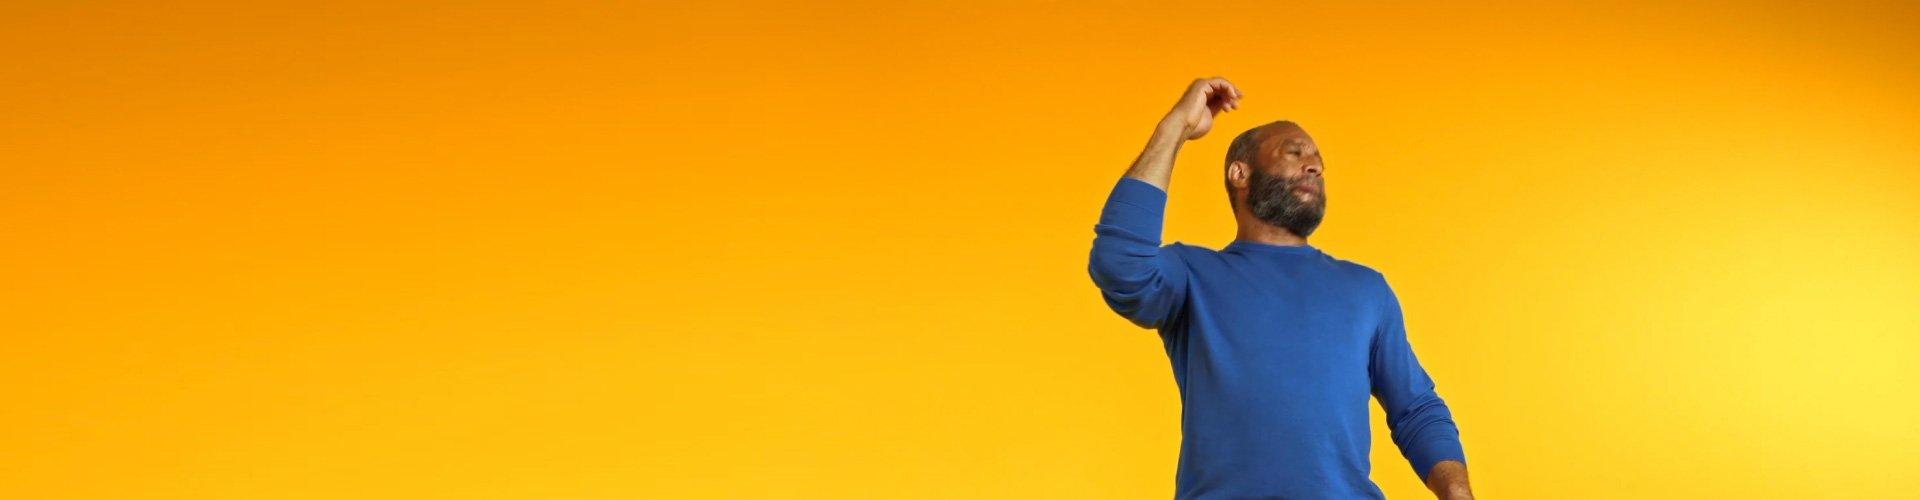 Philips işitme cihazı kullanan, müziği duymaktan ve sevdikleriyle bağlantı kurmaktan zevk alan adam